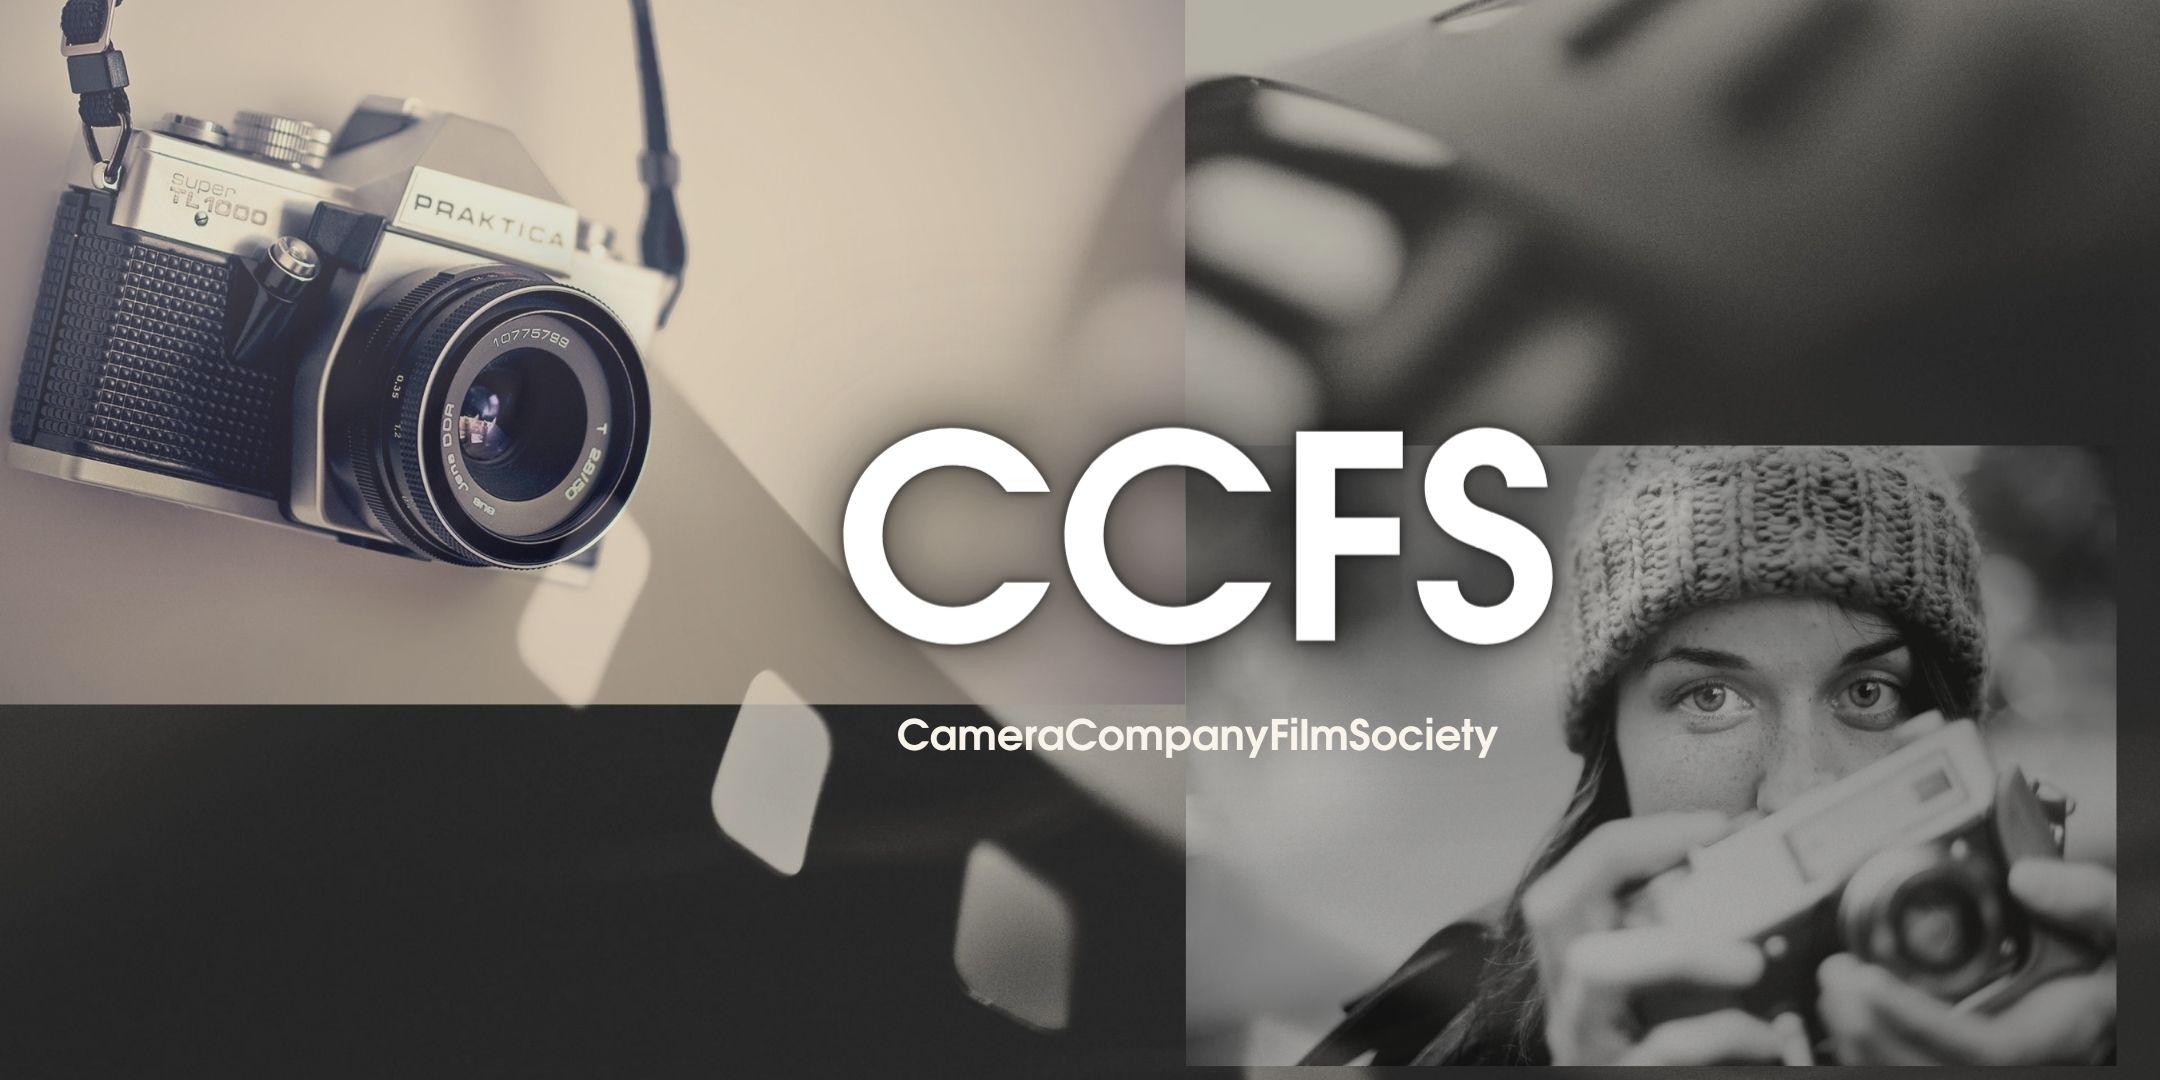 The Camera Company Film Society MeetUp